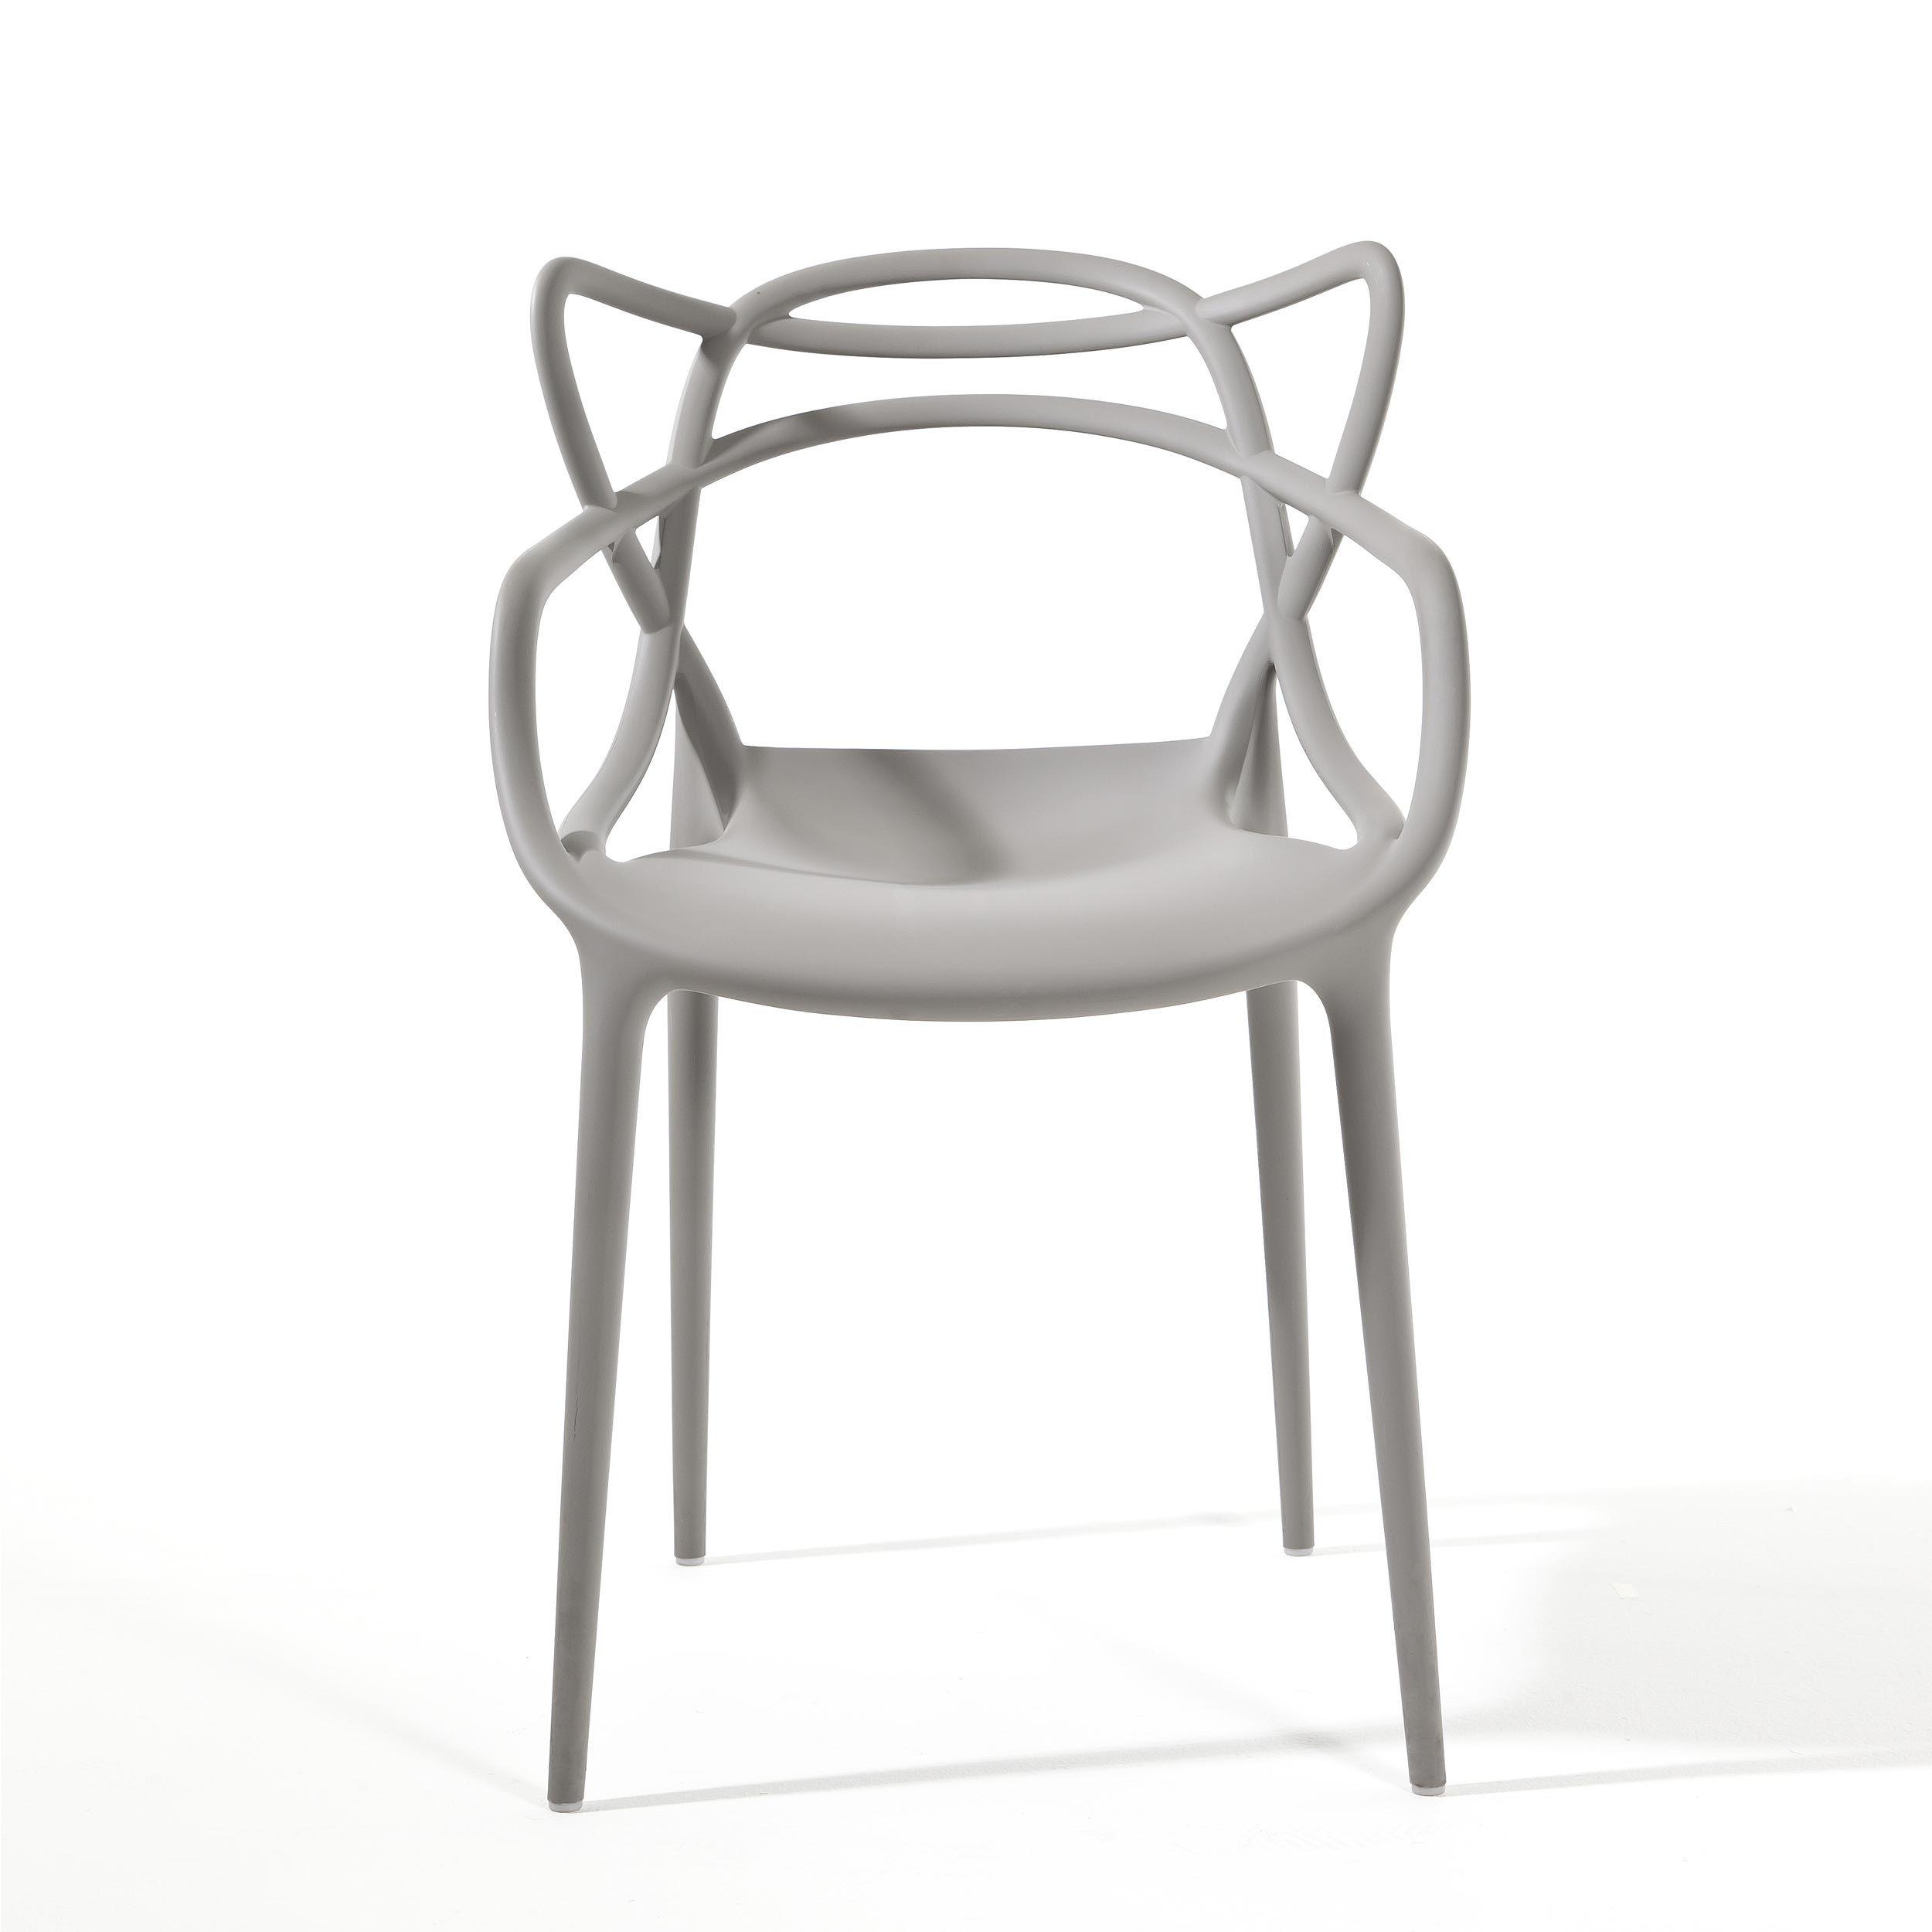 Polypropylene chair grey mod. Masters, Kartell. // Silla de ...